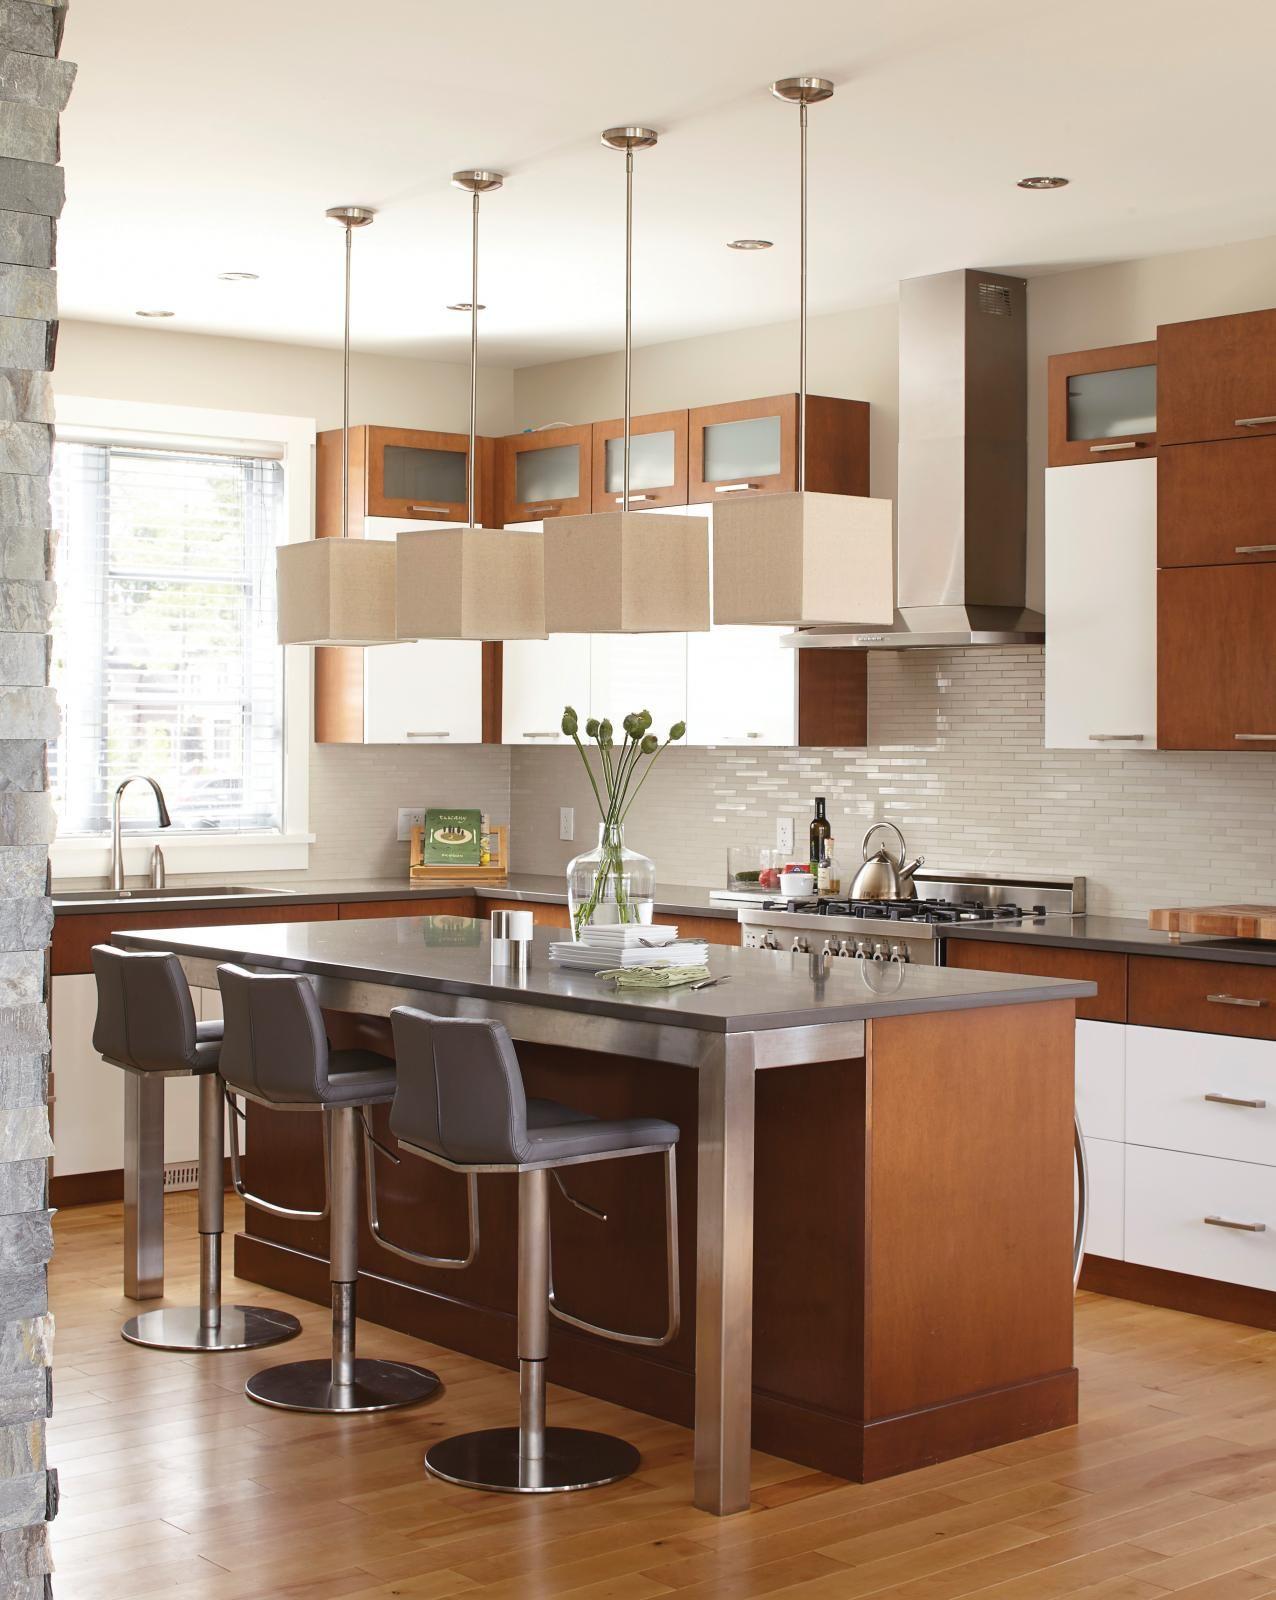 b8a30db794d4b421bd1930b2e90d9af0 Frais De Cuisine Ouverte Bar Concept